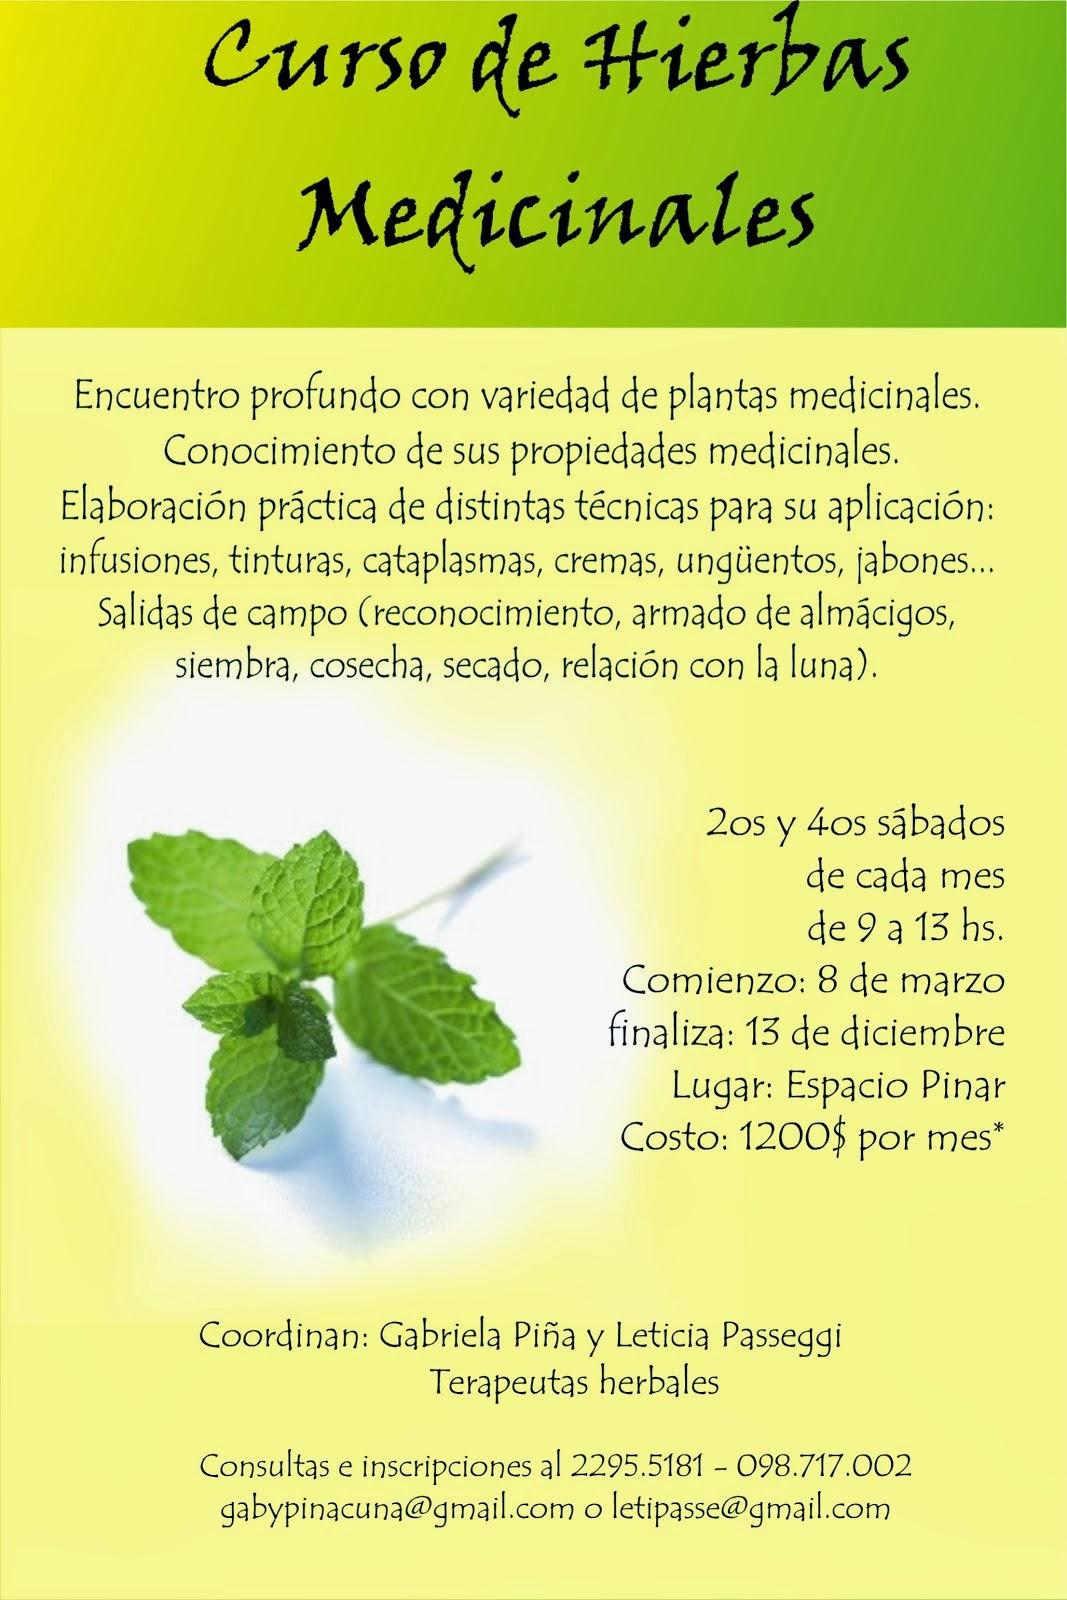 Curso de Hierbas Medicinales